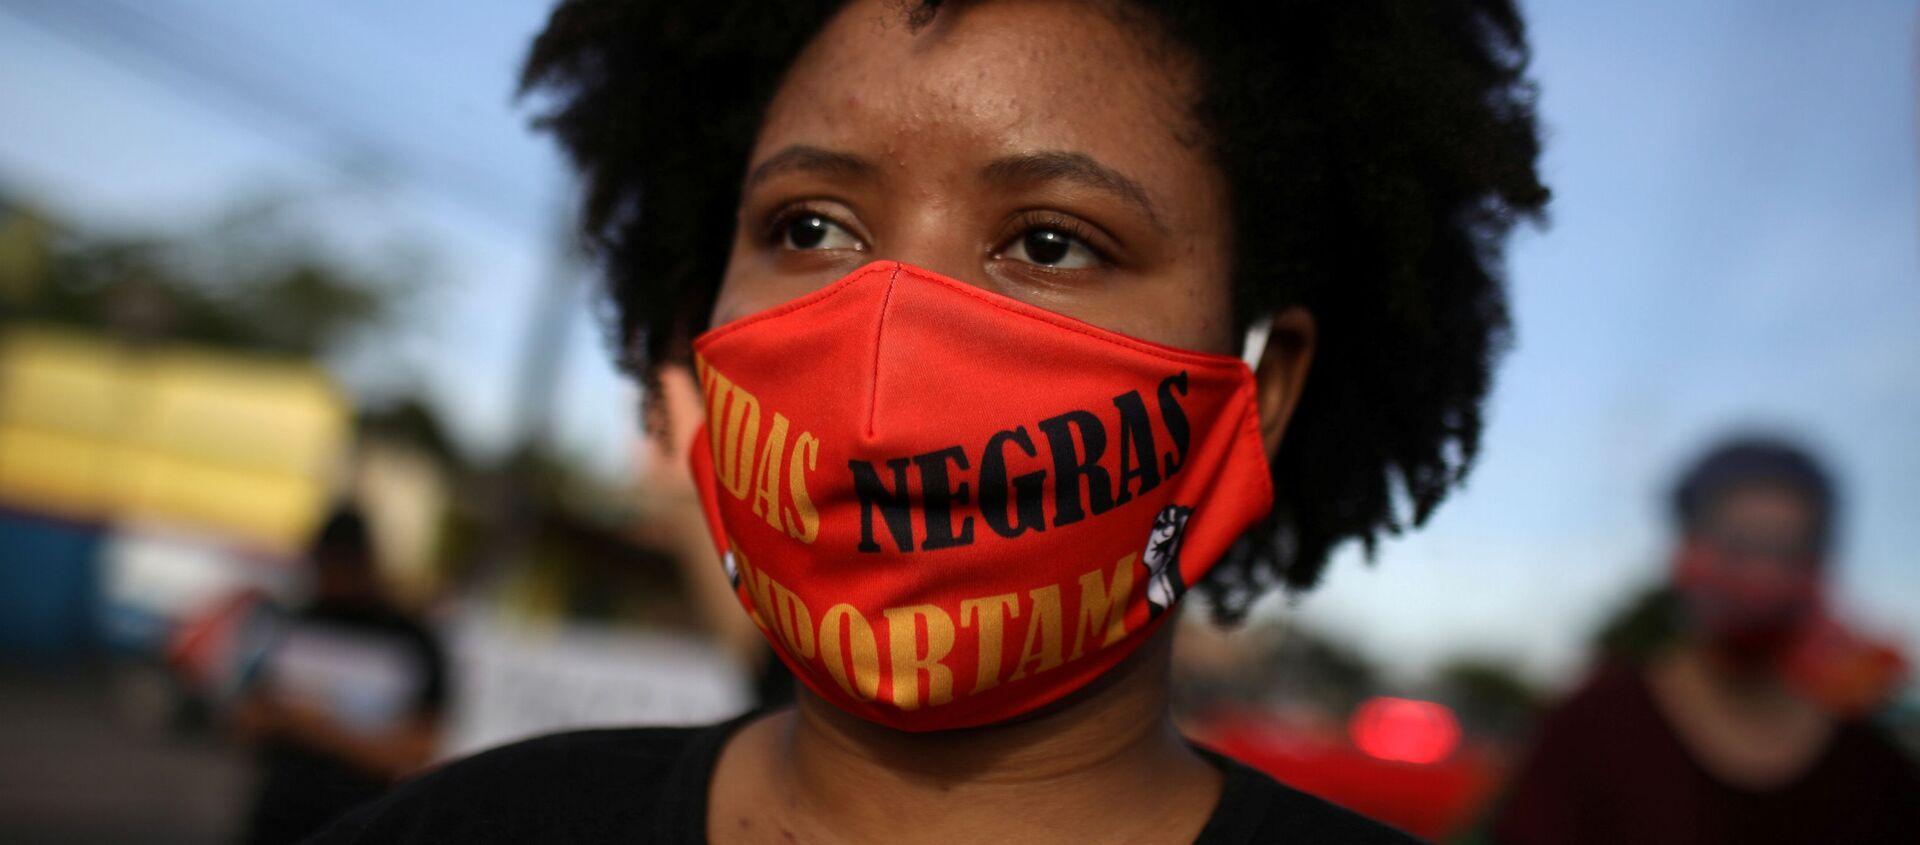 Protesta antirracista en Manaos, Brasil - Sputnik Mundo, 1920, 16.06.2020